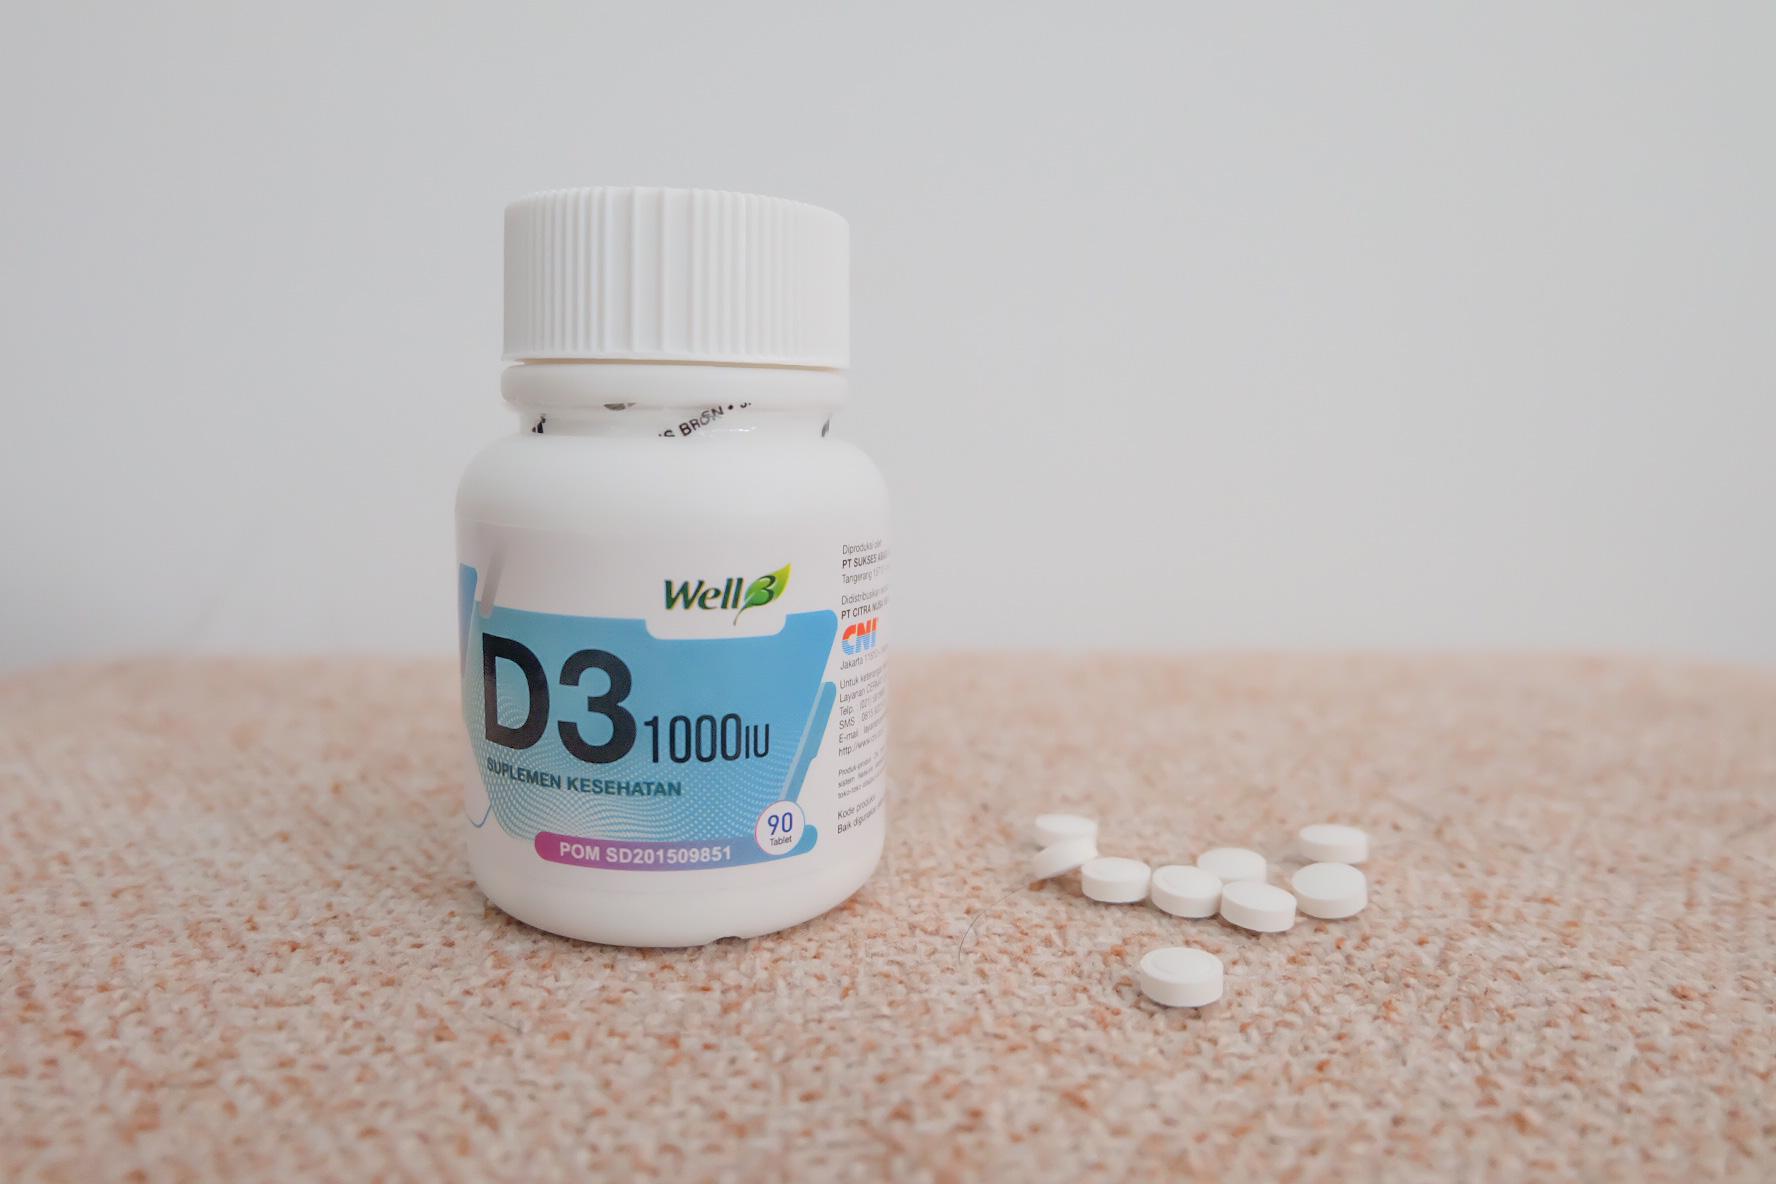 Well3 D3 1000IU & Well C-500 Extra Untuk Meningkatkan Imunitas